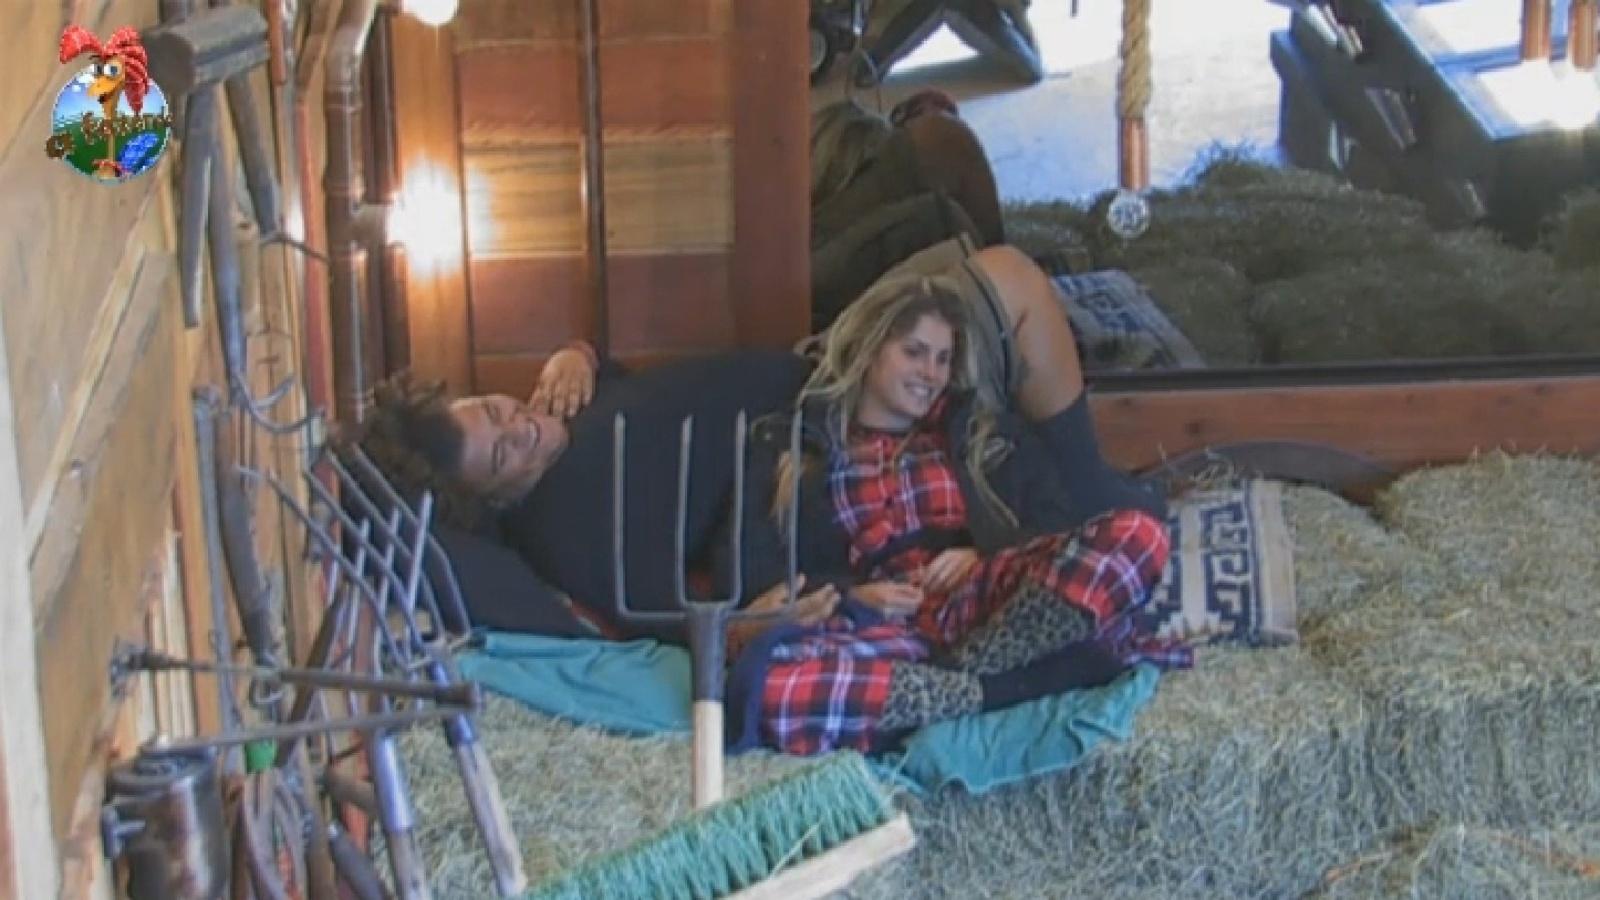 17.ago.2013 - Gominho e Bárbara evans descansam no celeiro na manhã deste sábado